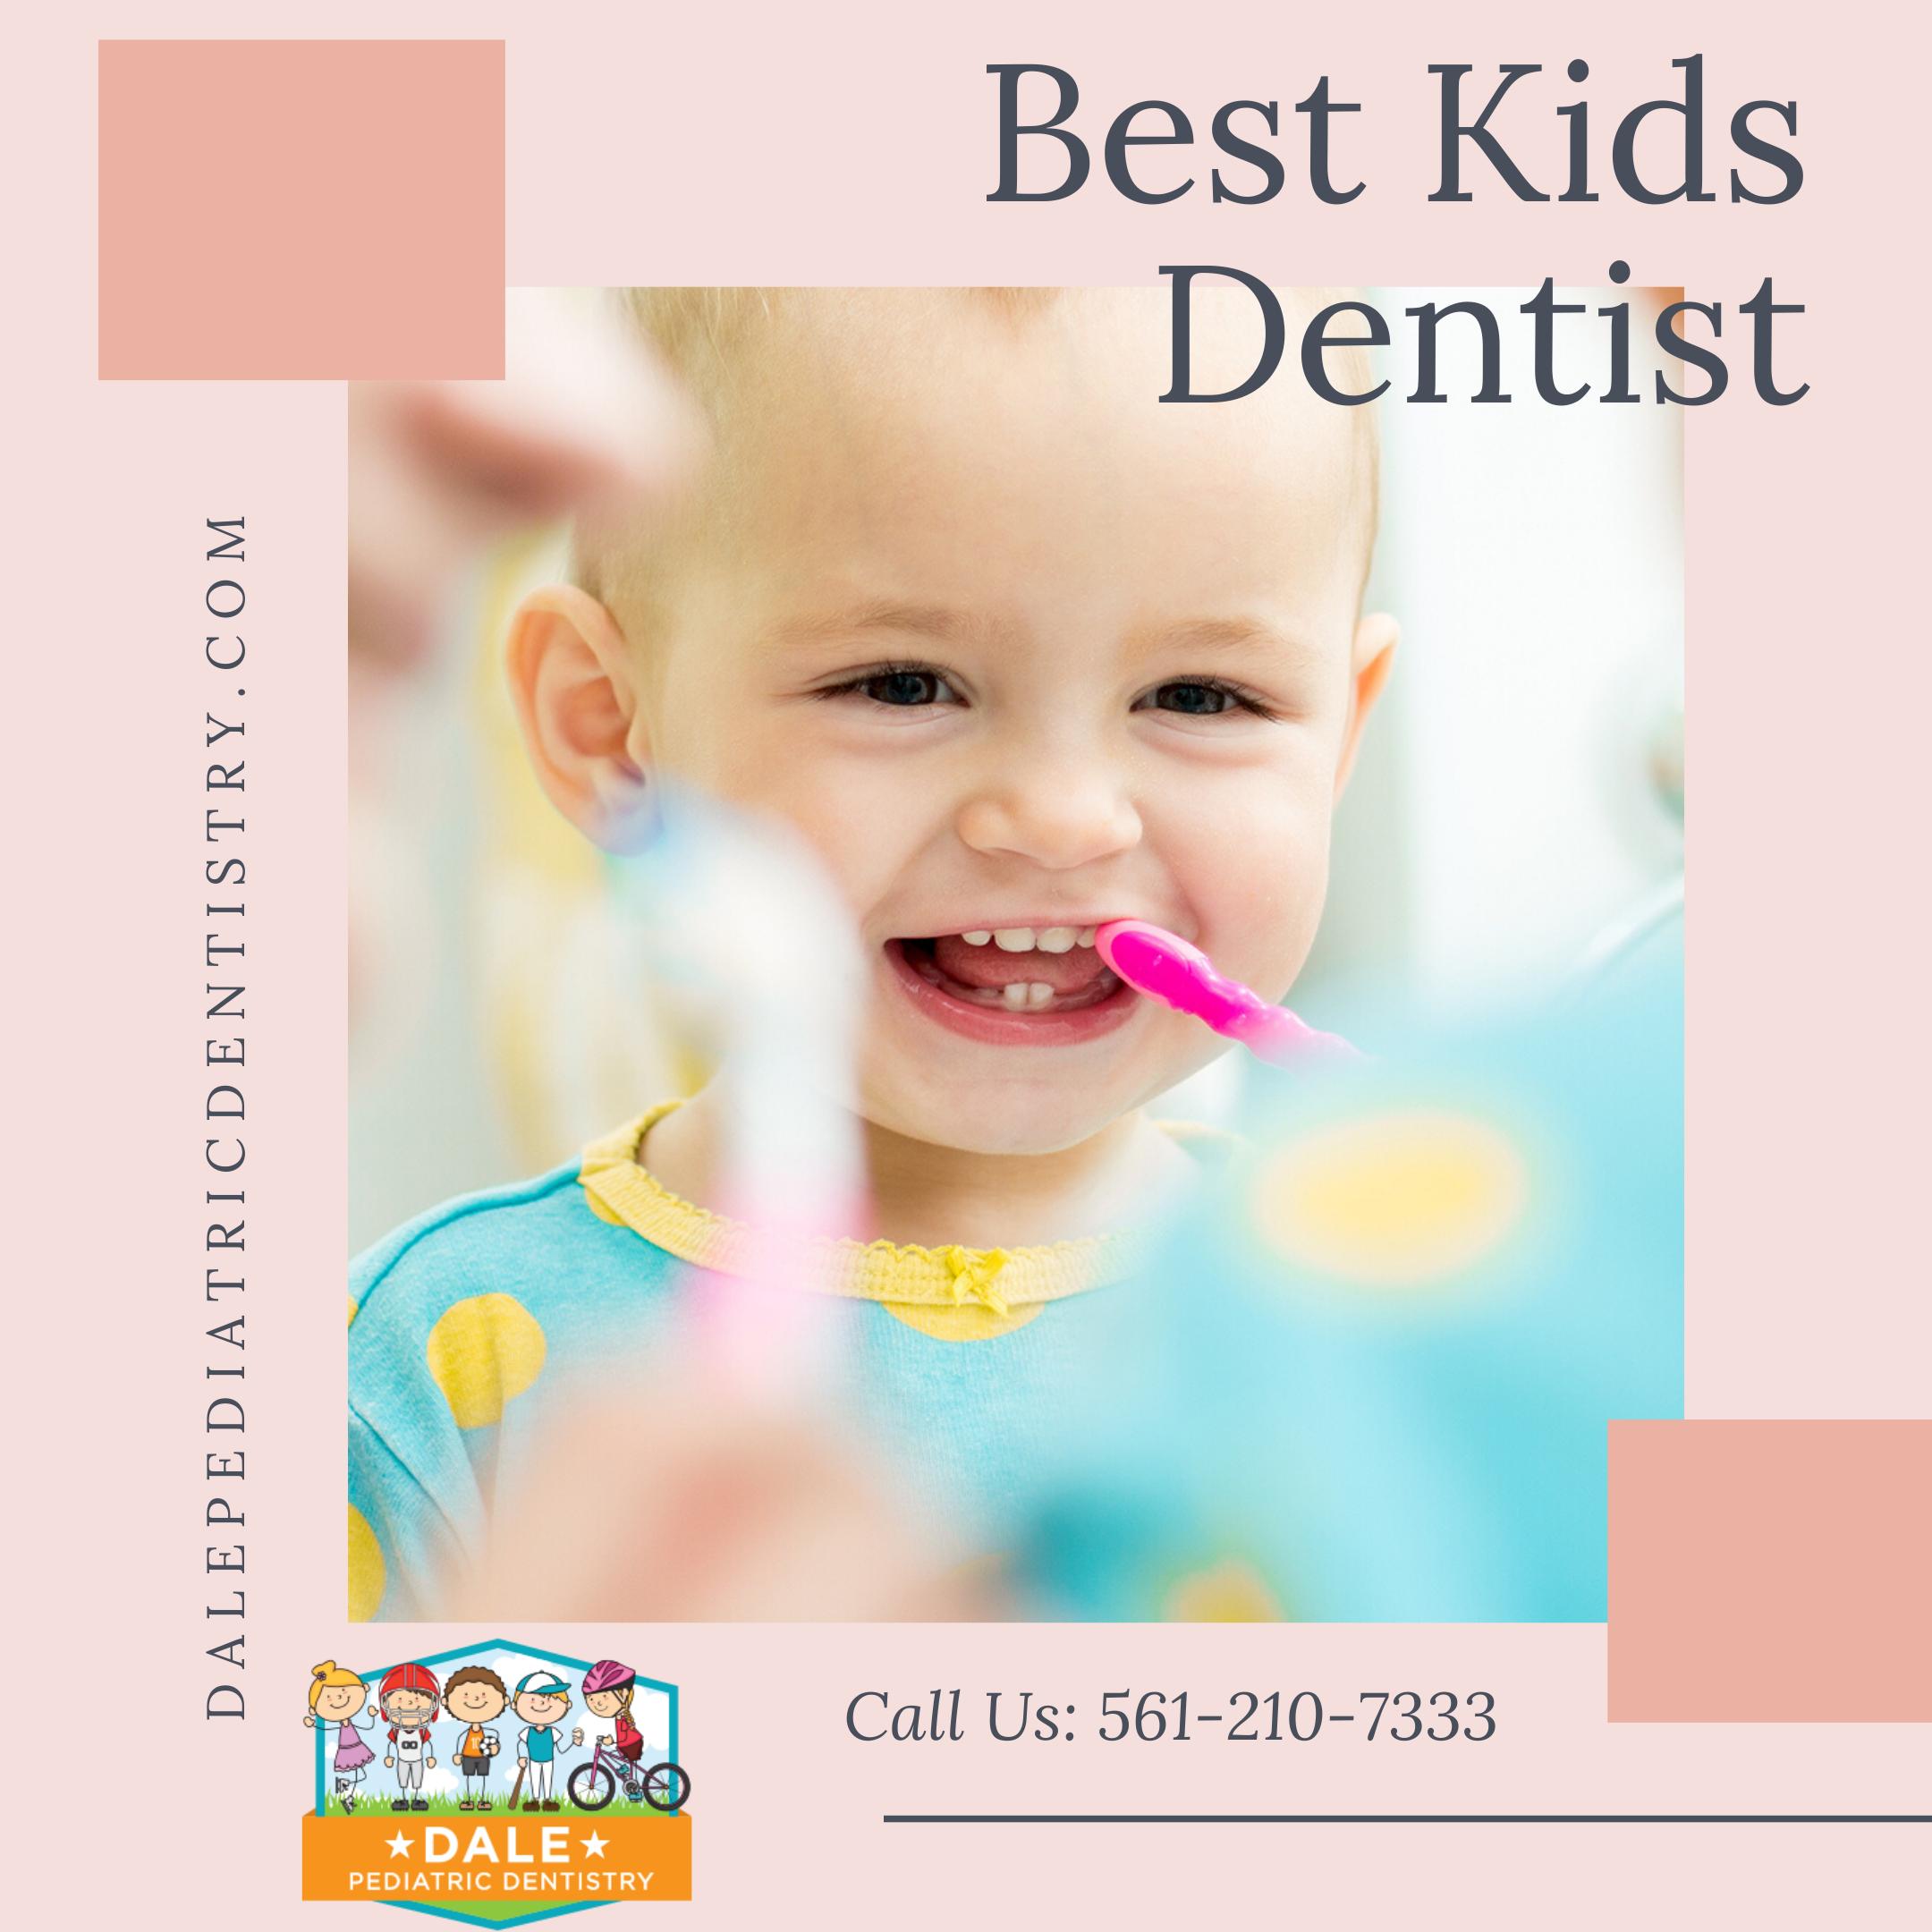 Best-Kids-Dentist-in-Jupiter-F